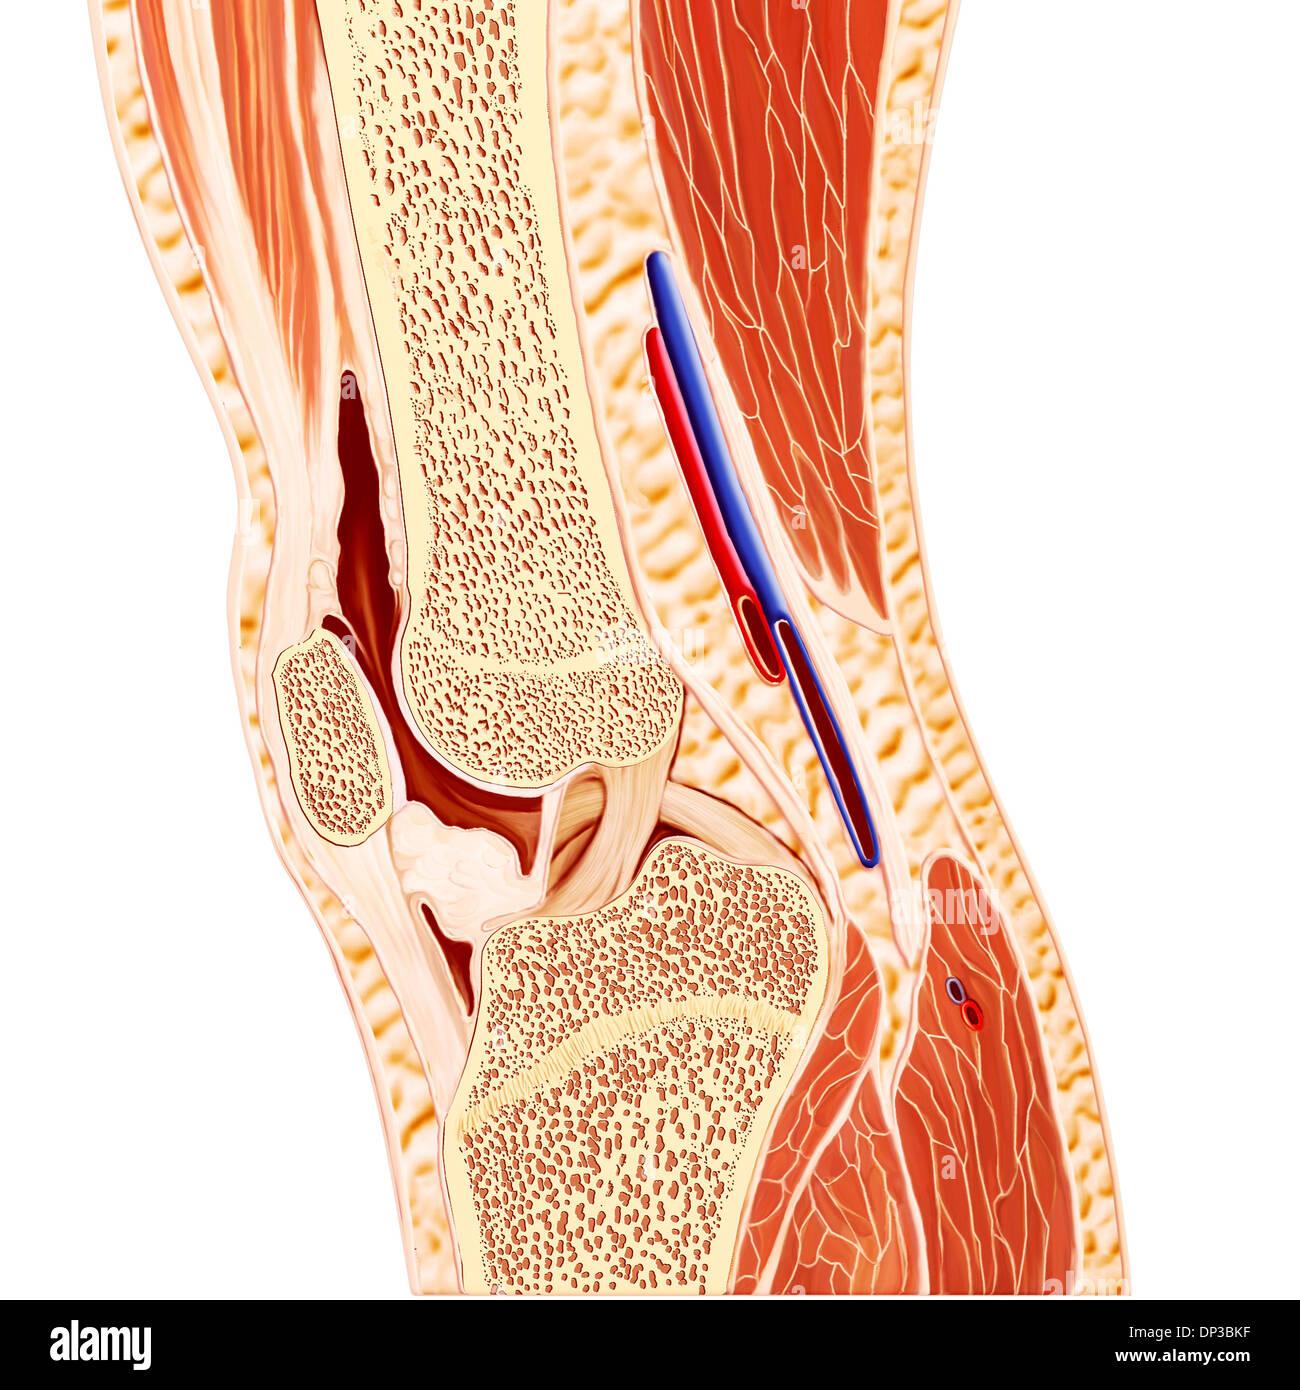 Anatomie der menschlichen Knie, artwork Stockfoto, Bild: 65228563 ...